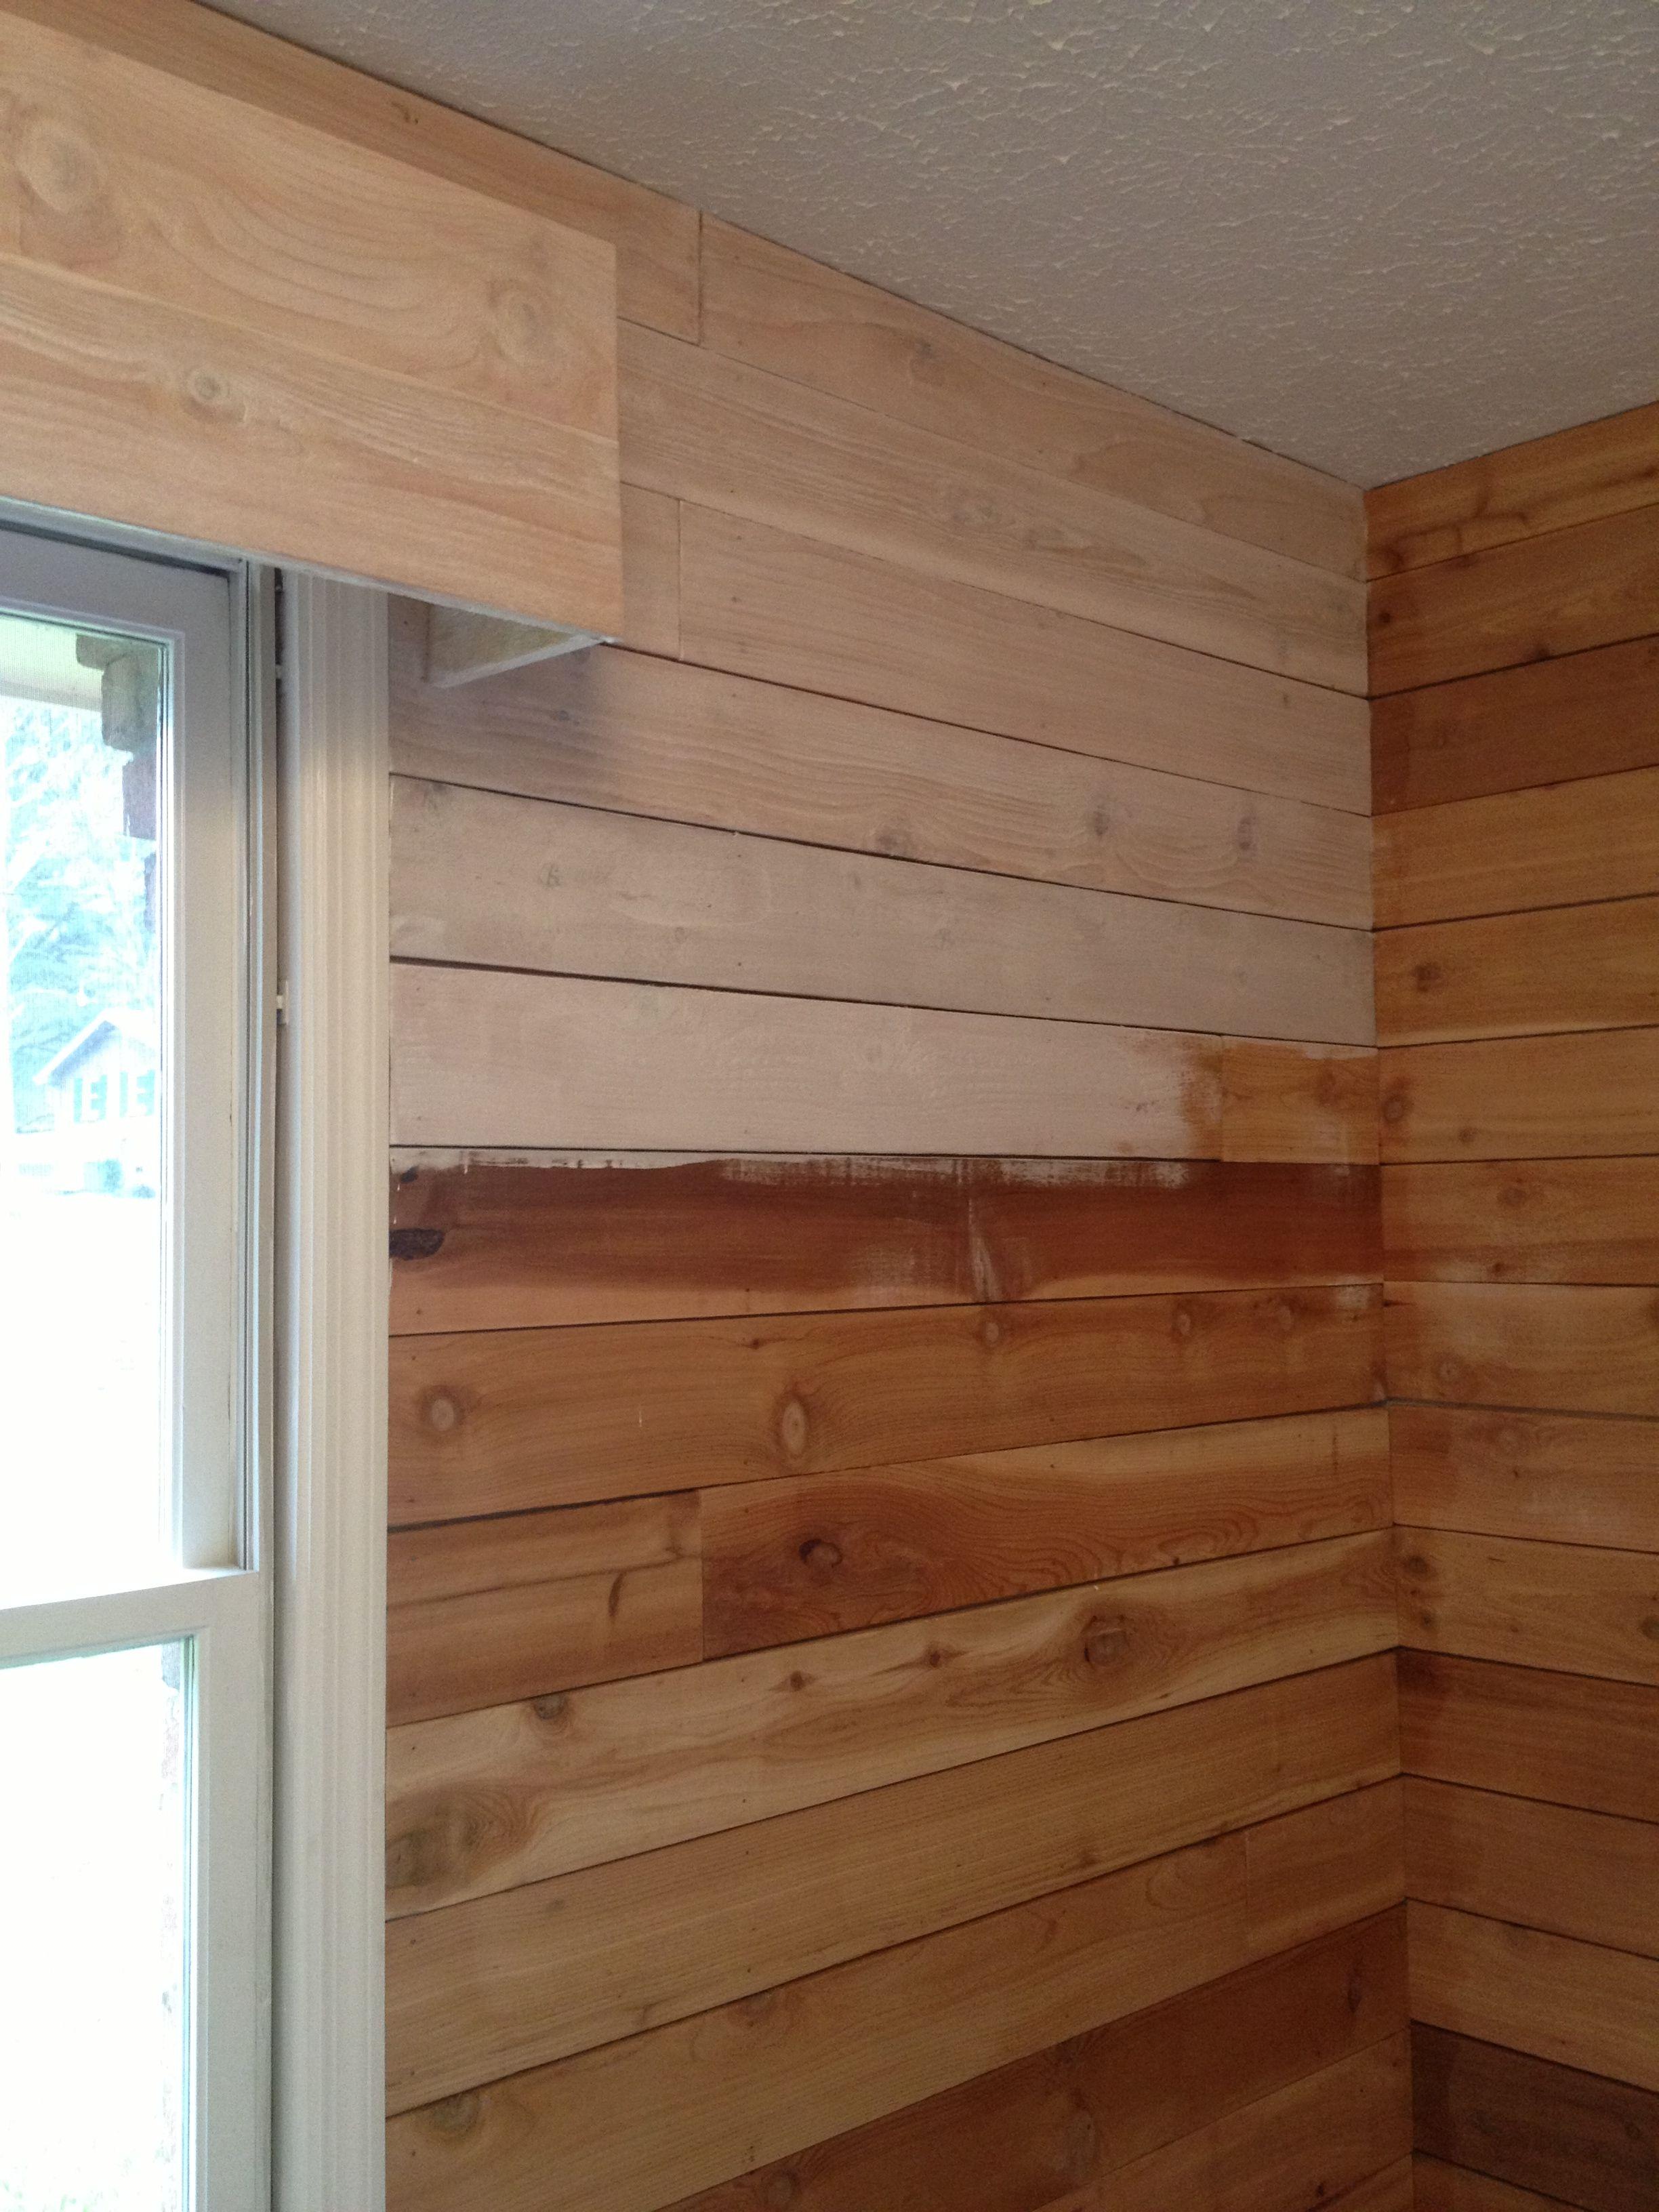 Basement Wood Paneling: Basement Cedar Planks In 2019